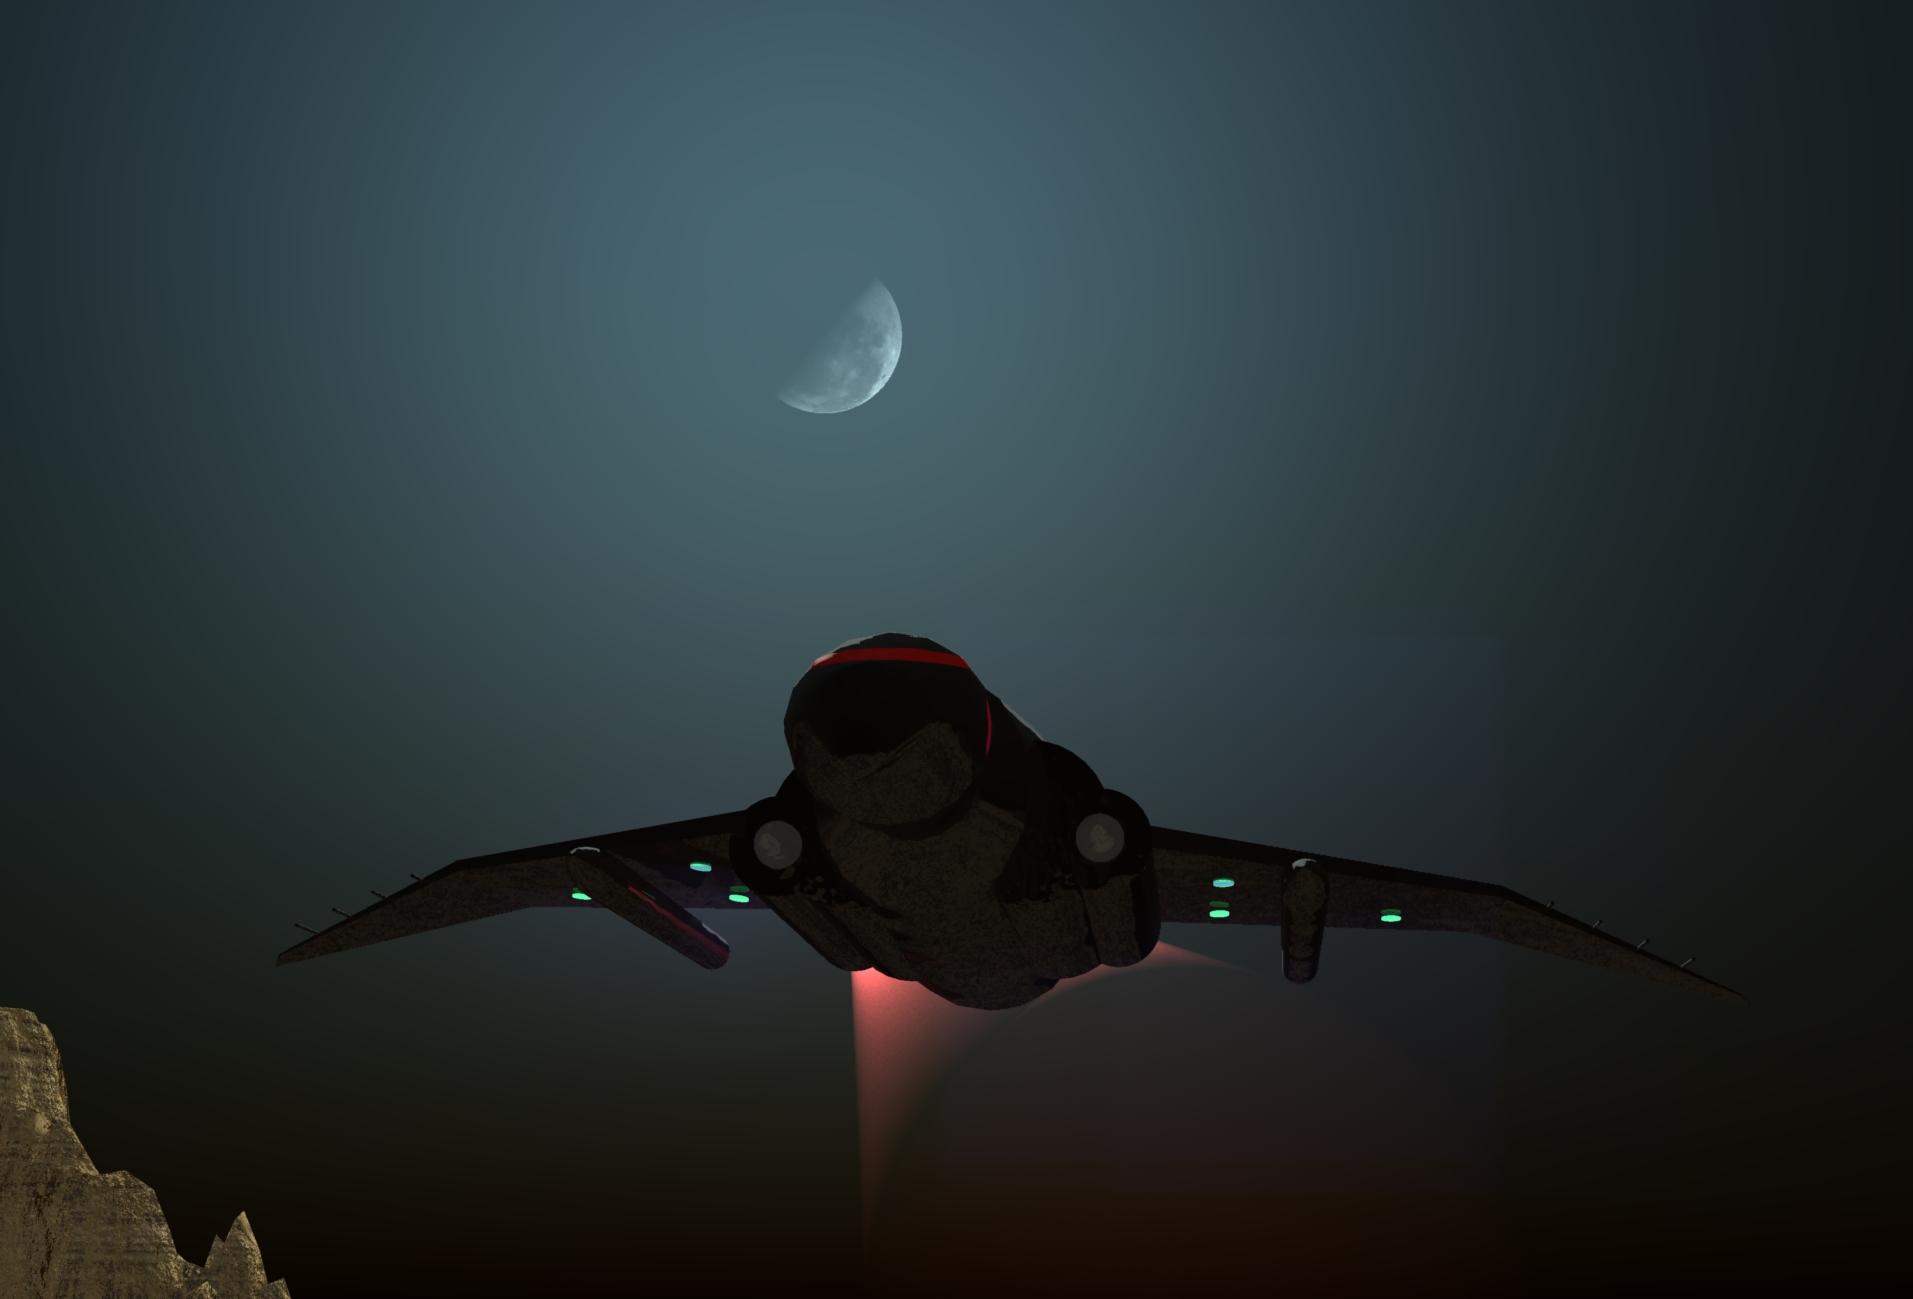 Black Bird-Horus52a